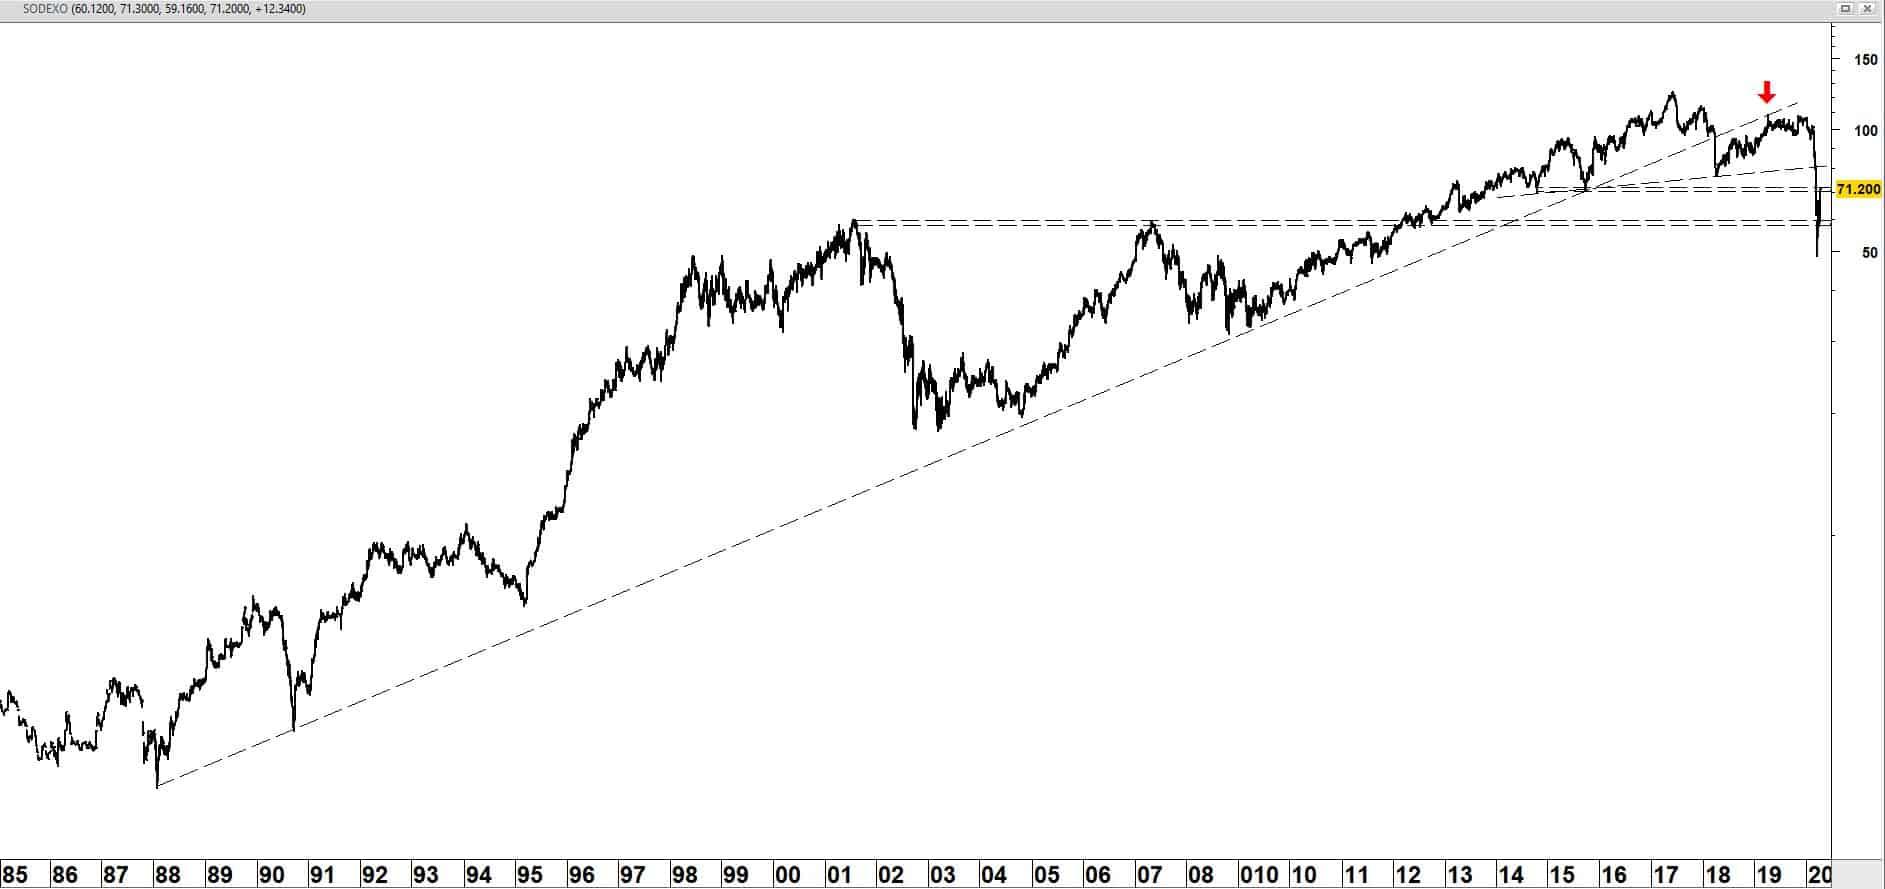 Sodexo vanaf 1985 (logaritmische schaal)